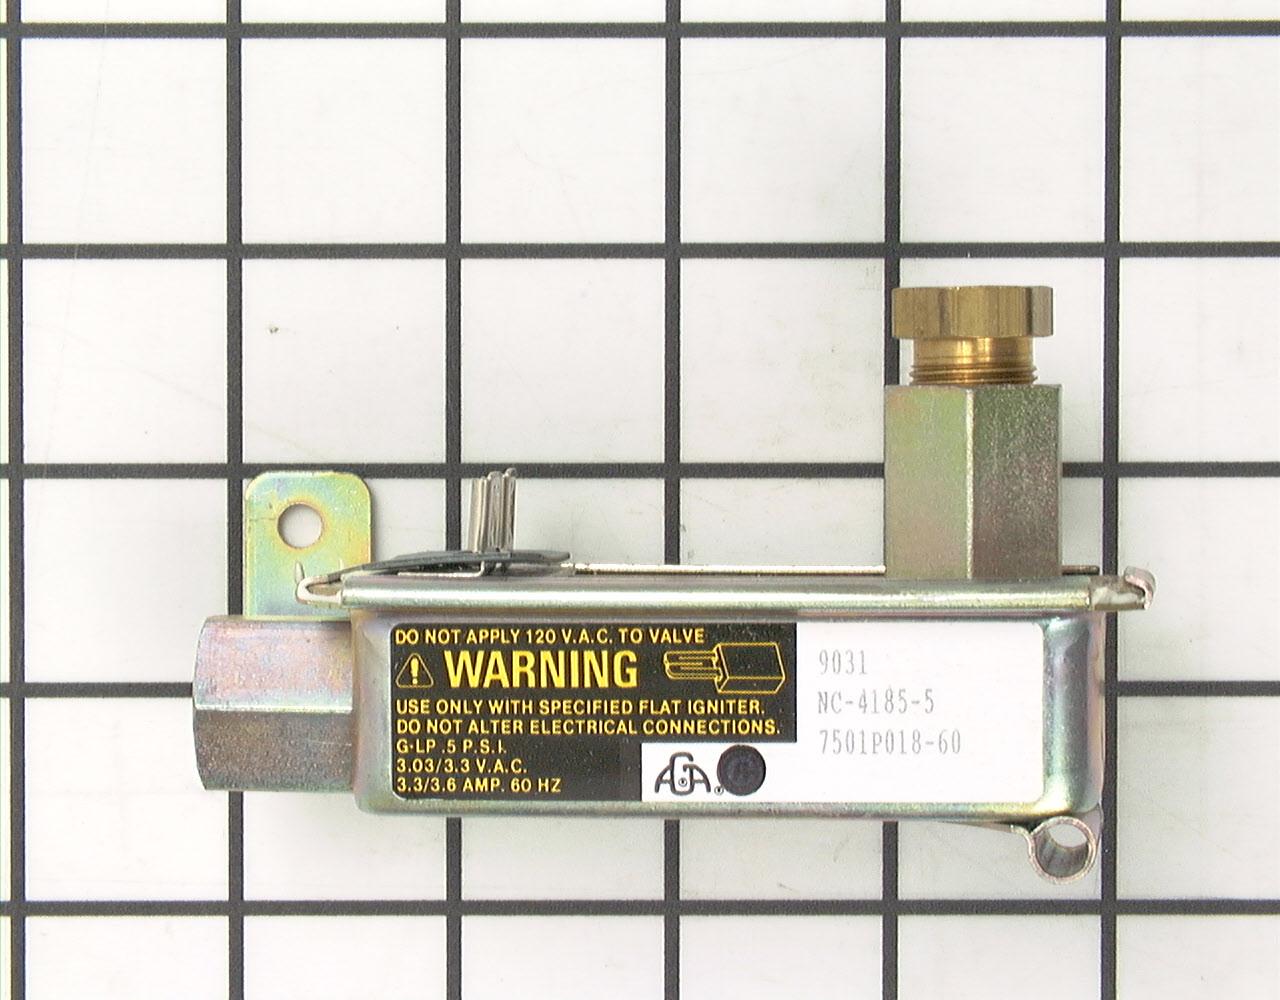 12002128 Hardwick Range Stove Oven Part -Safety Valve